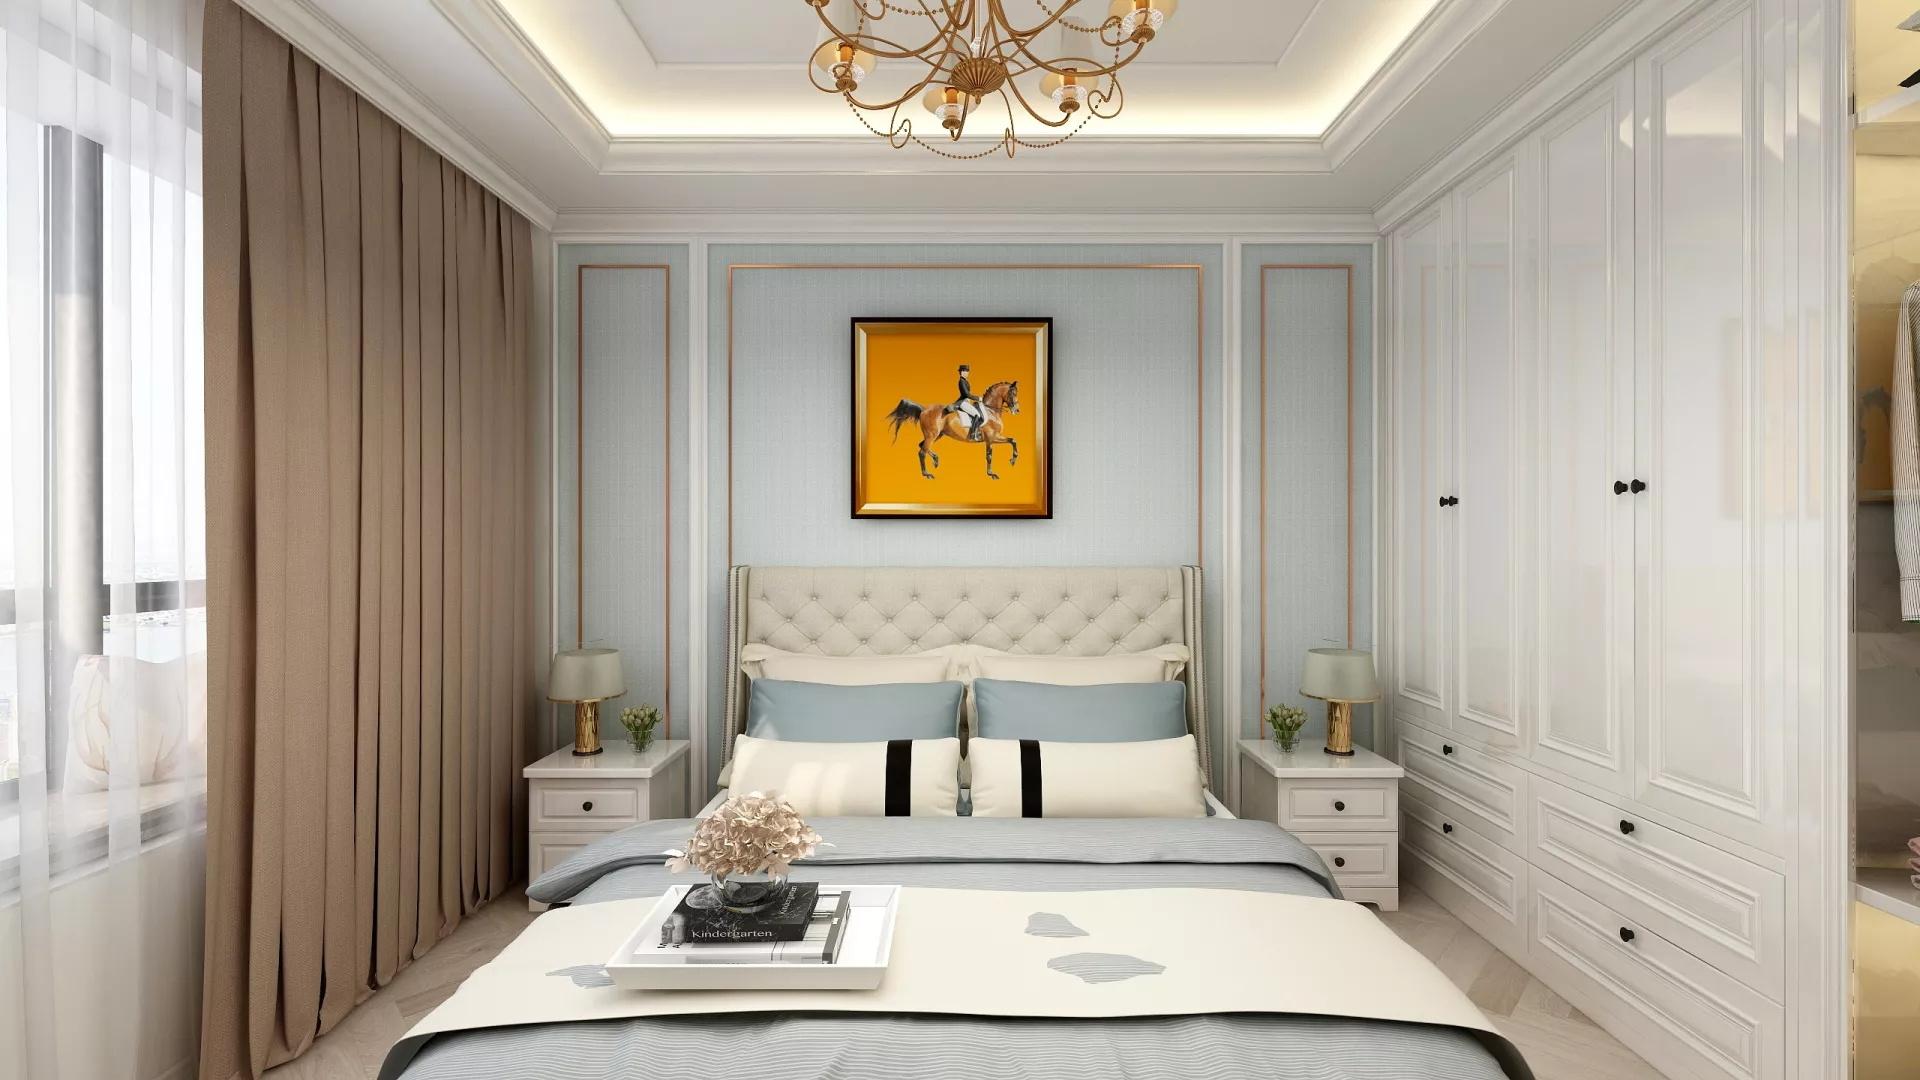 使用蓝色白色和灰色作为特殊着色,卧室的外观依然轻松。